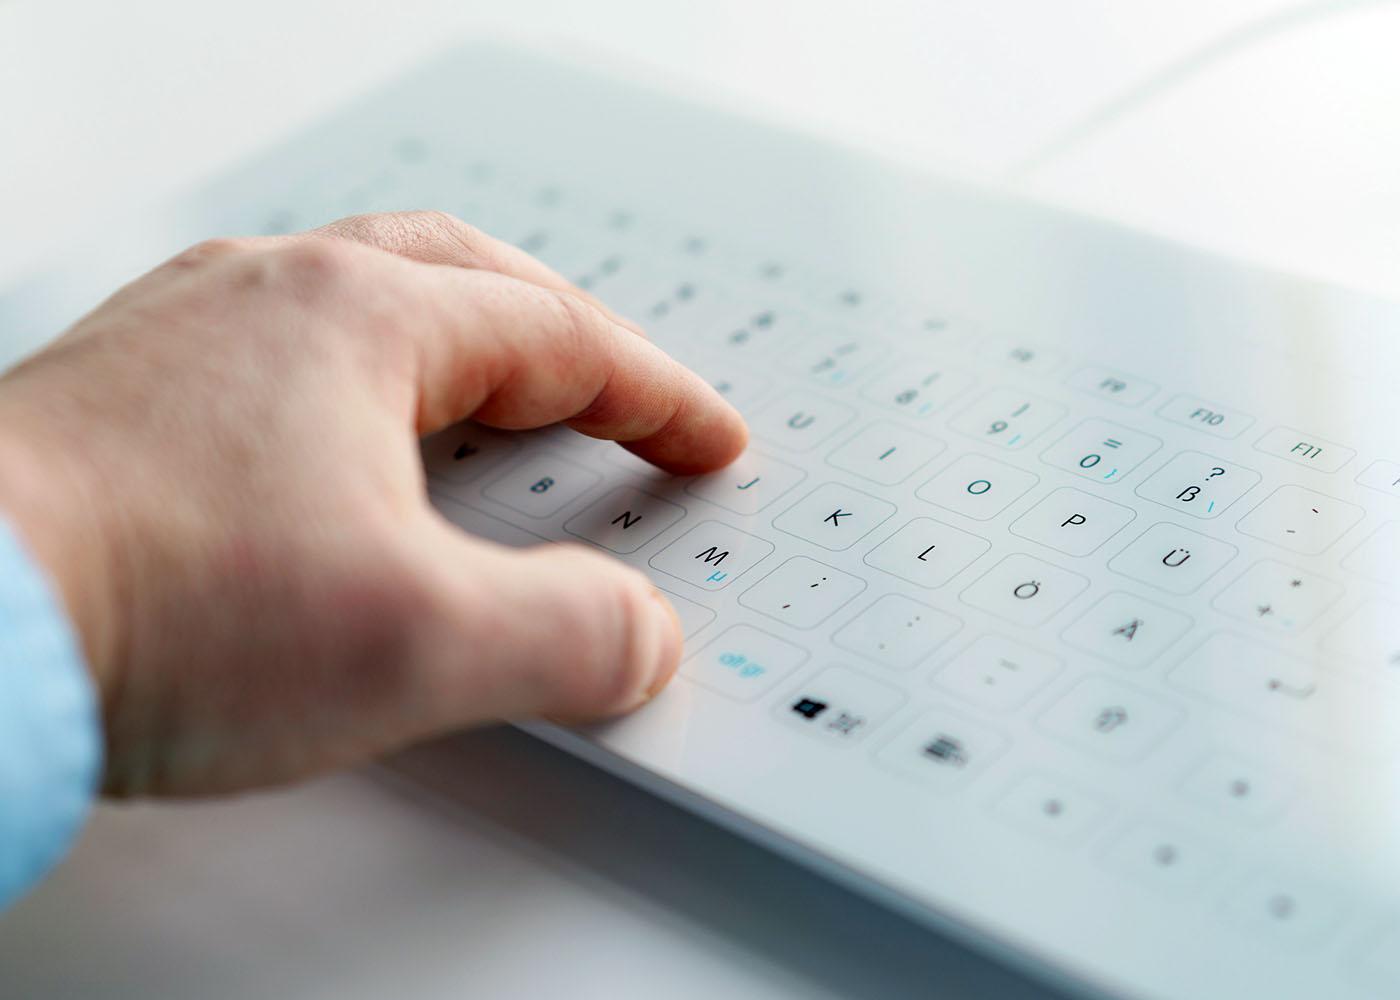 NX6010 : clavier verre tactile capacitif filaire avec touchpad – Saisie rapide